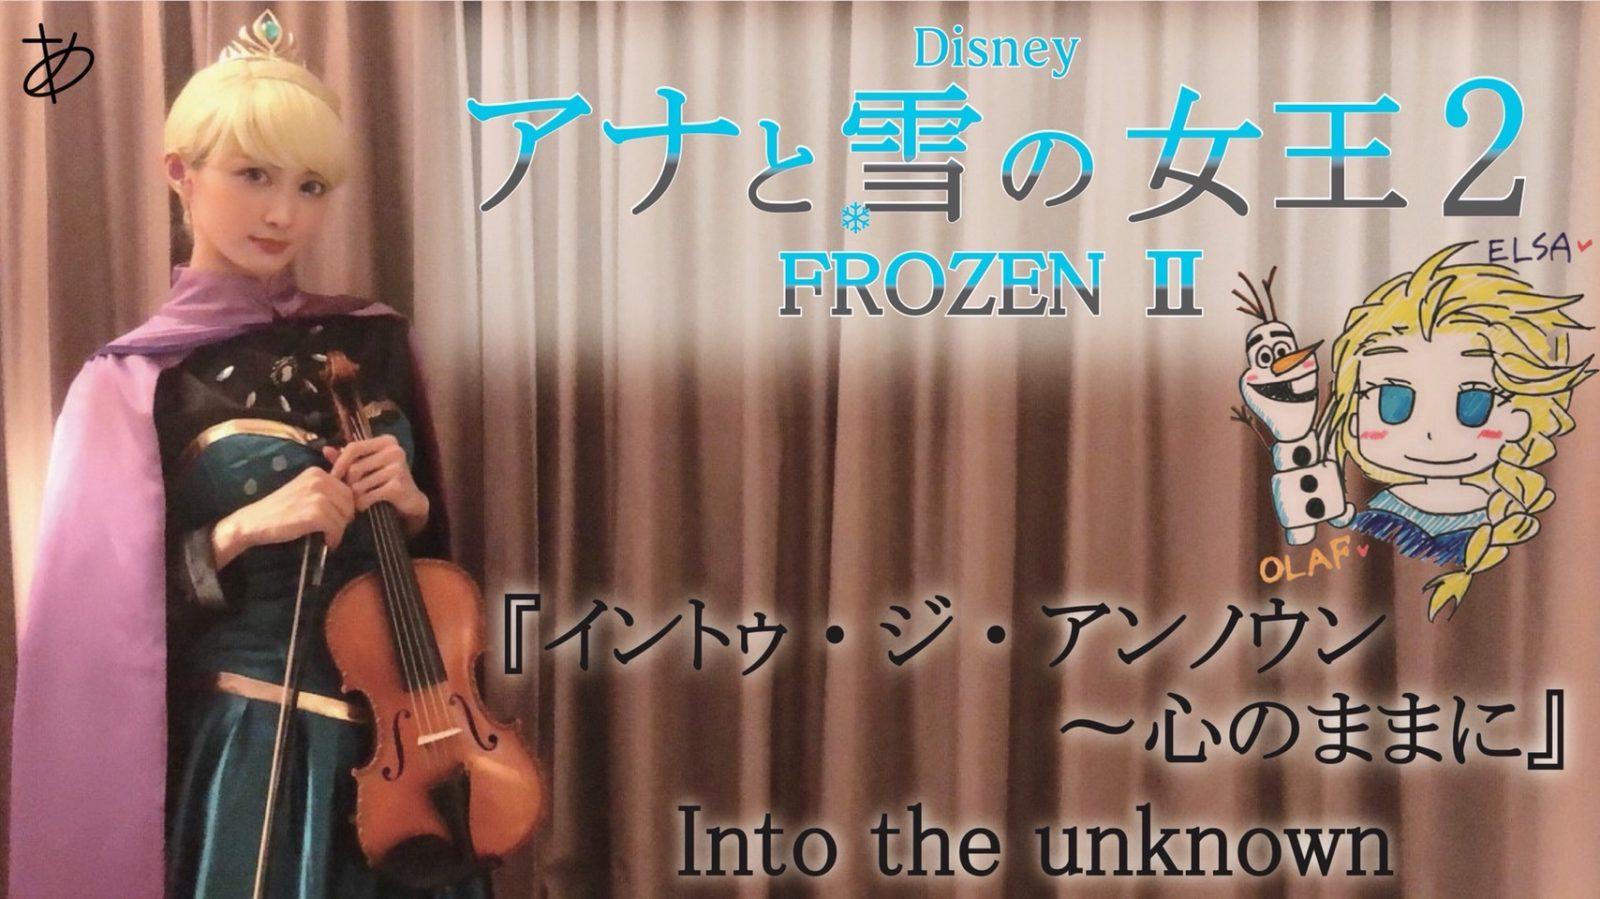 Ayasa channel第75弾は『アナと雪の女王2(FROZEN II)』のエルサが歌う『イントゥ・ジ・アンノウン~心のままに』サムネイル画像